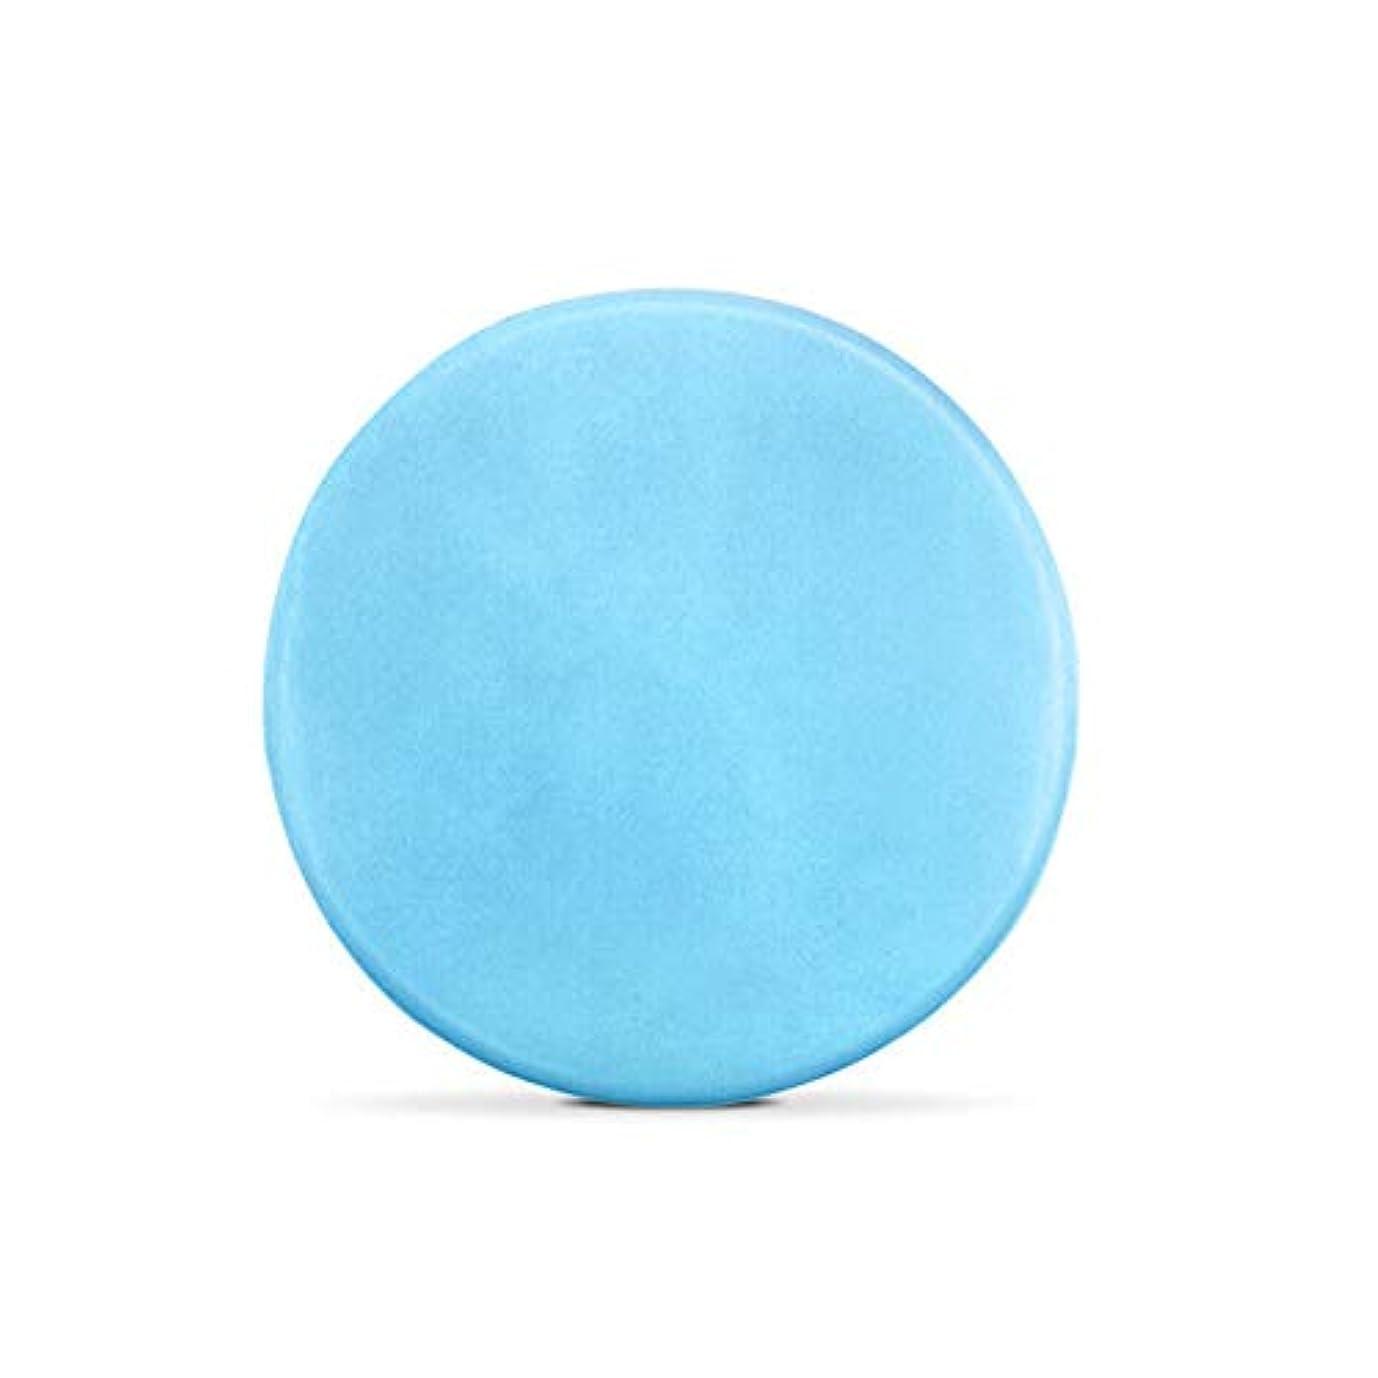 宝石チャンピオンシップ符号Beaurttyオーガニックシャンプーバー石鹸髪の成長コンディショナー修復髪の保護のための手作り石鹸